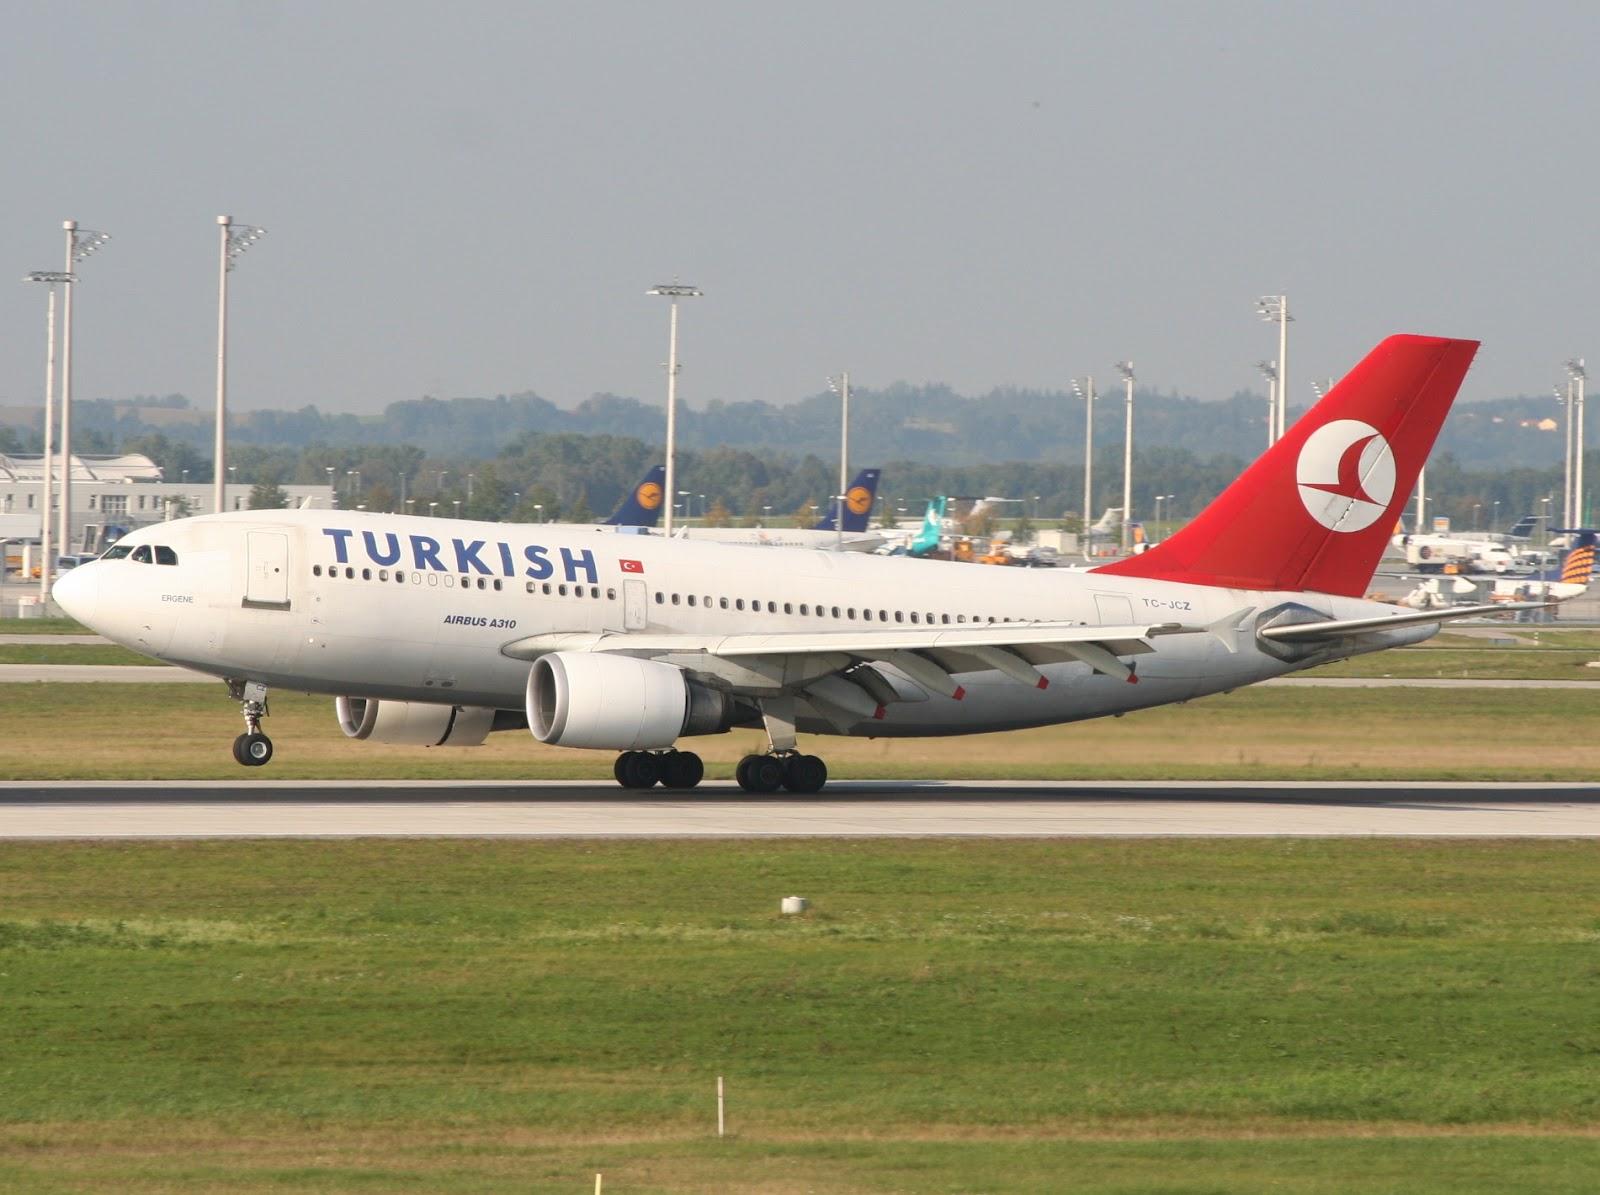 http://4.bp.blogspot.com/-RYvQqwfV9Qg/TzefG6FFulI/AAAAAAAAHg0/bJ-Jk9cYwck/s1600/airbus_a310_turkish_airlines_takeoff.jpg